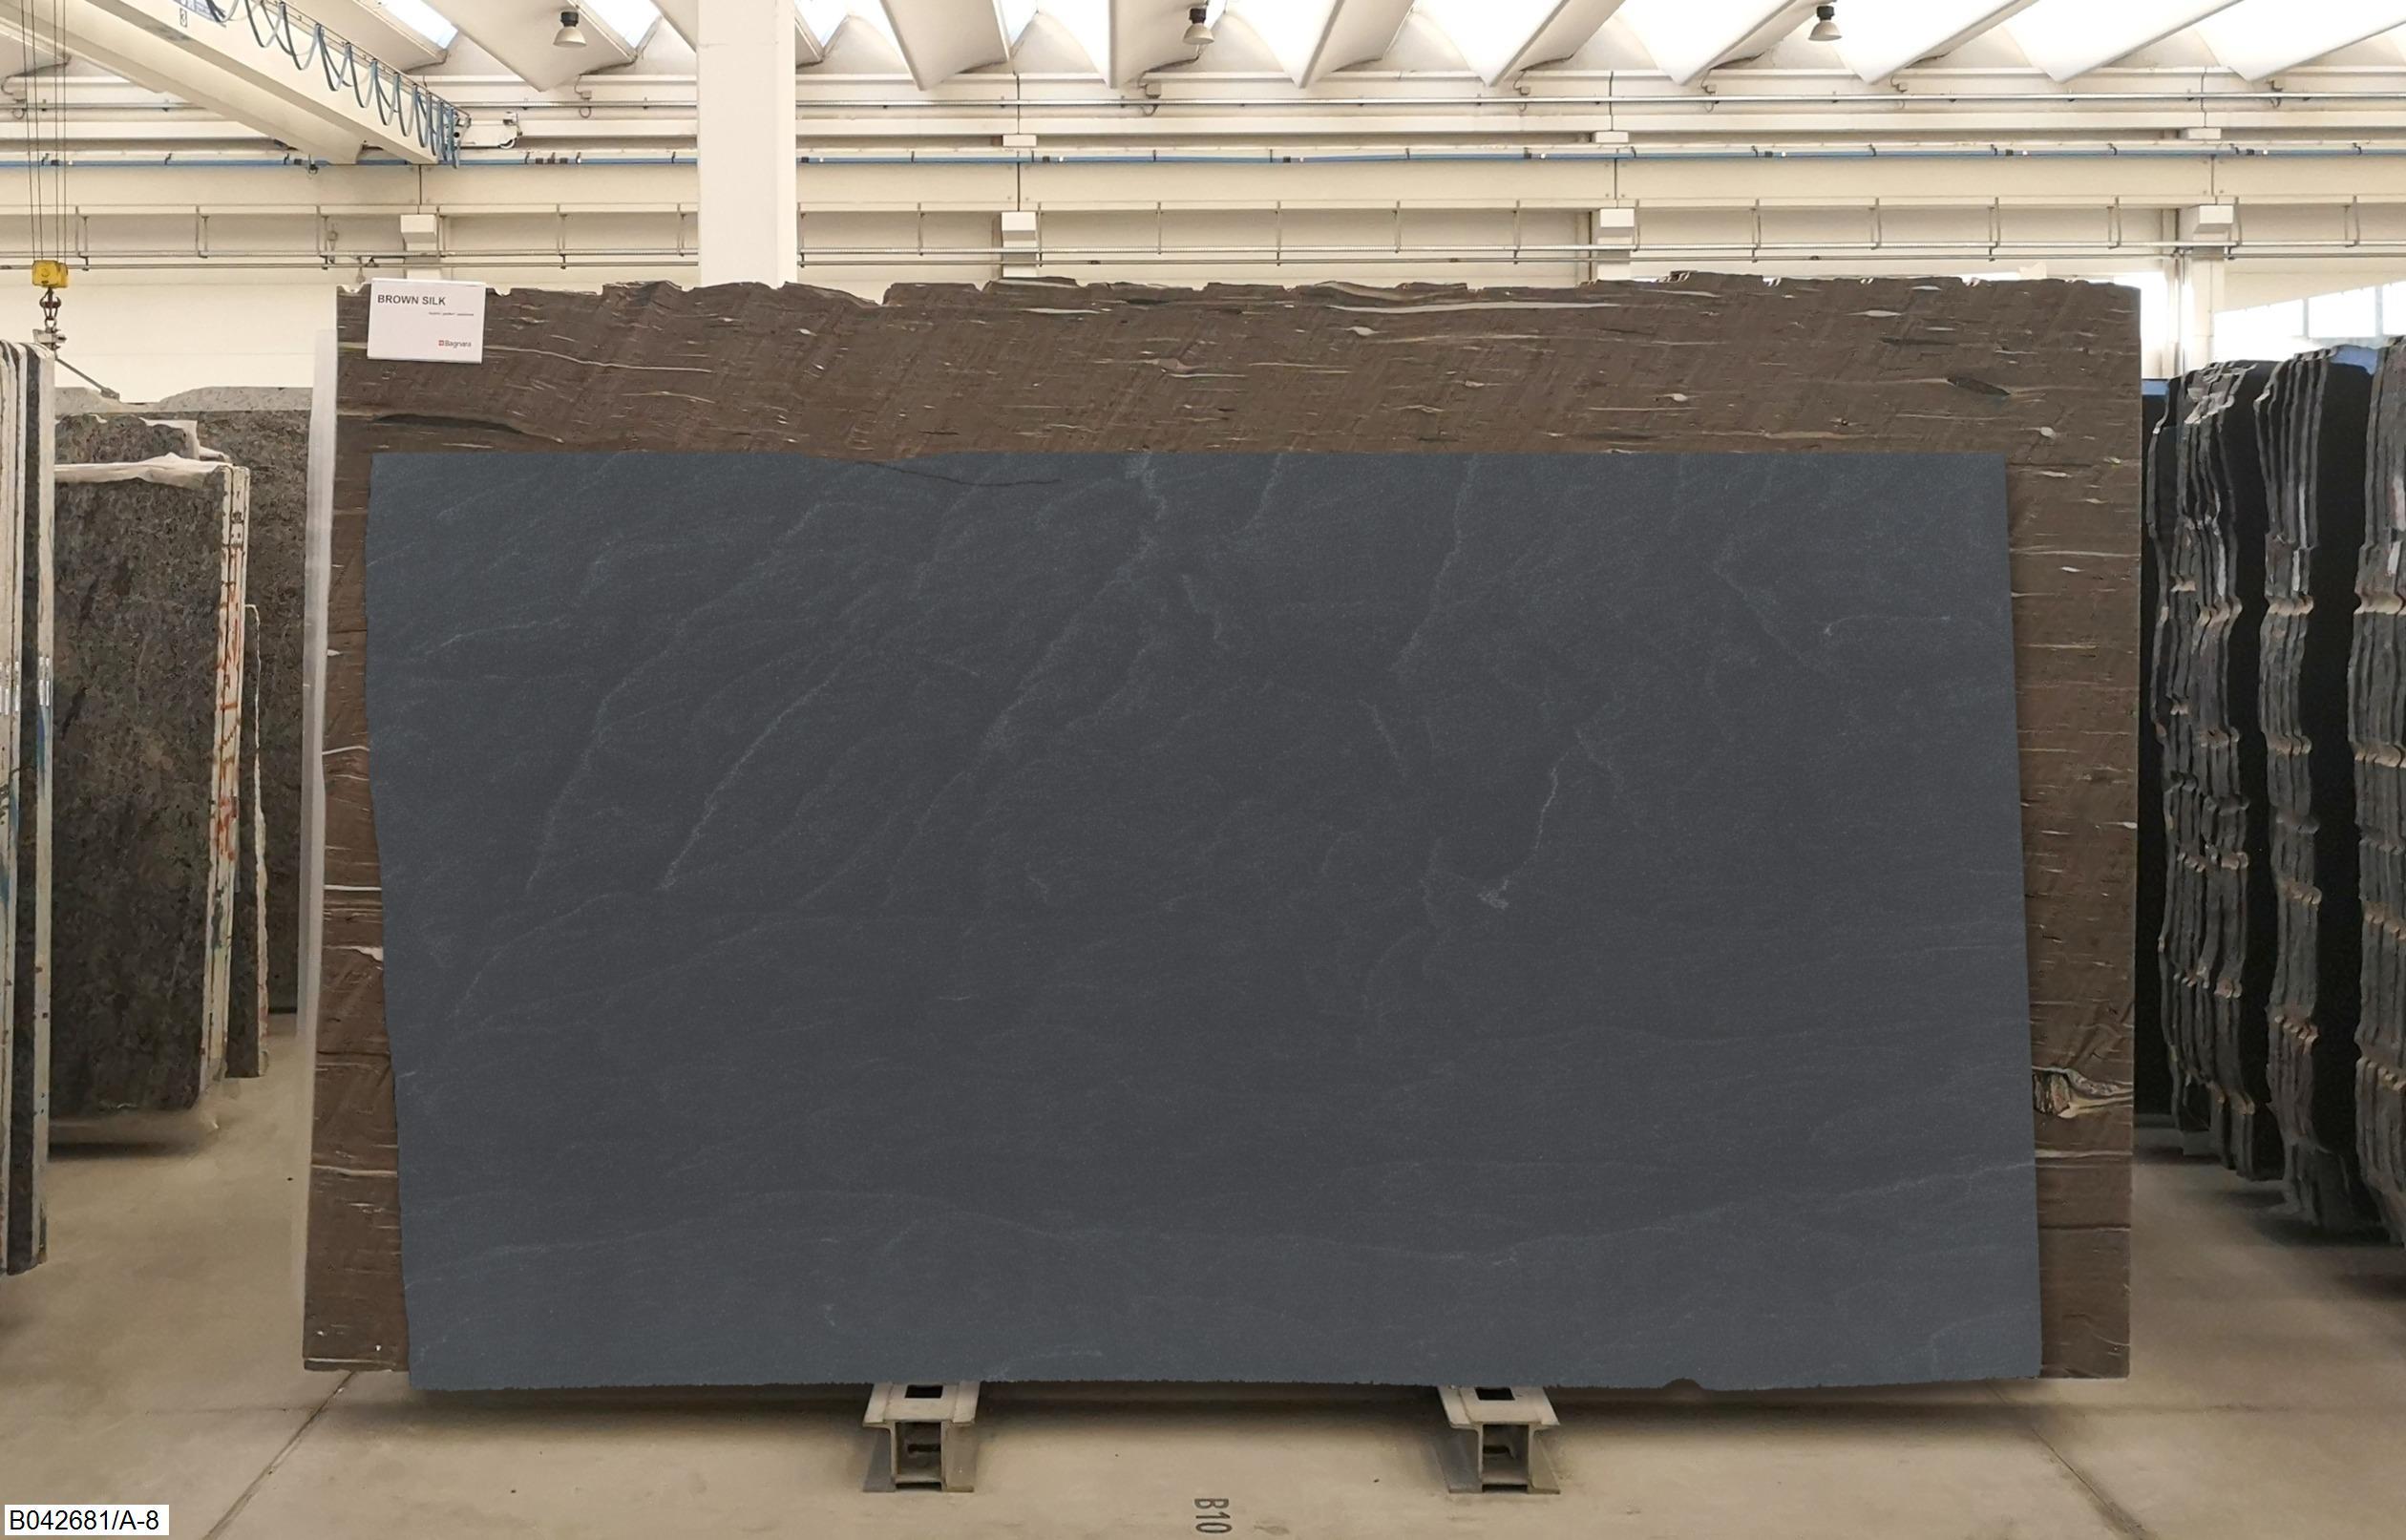 AMERICAN BLACK FANTASTIC - LASTRE SATINATE Foto: 1_59196_39174.jpg